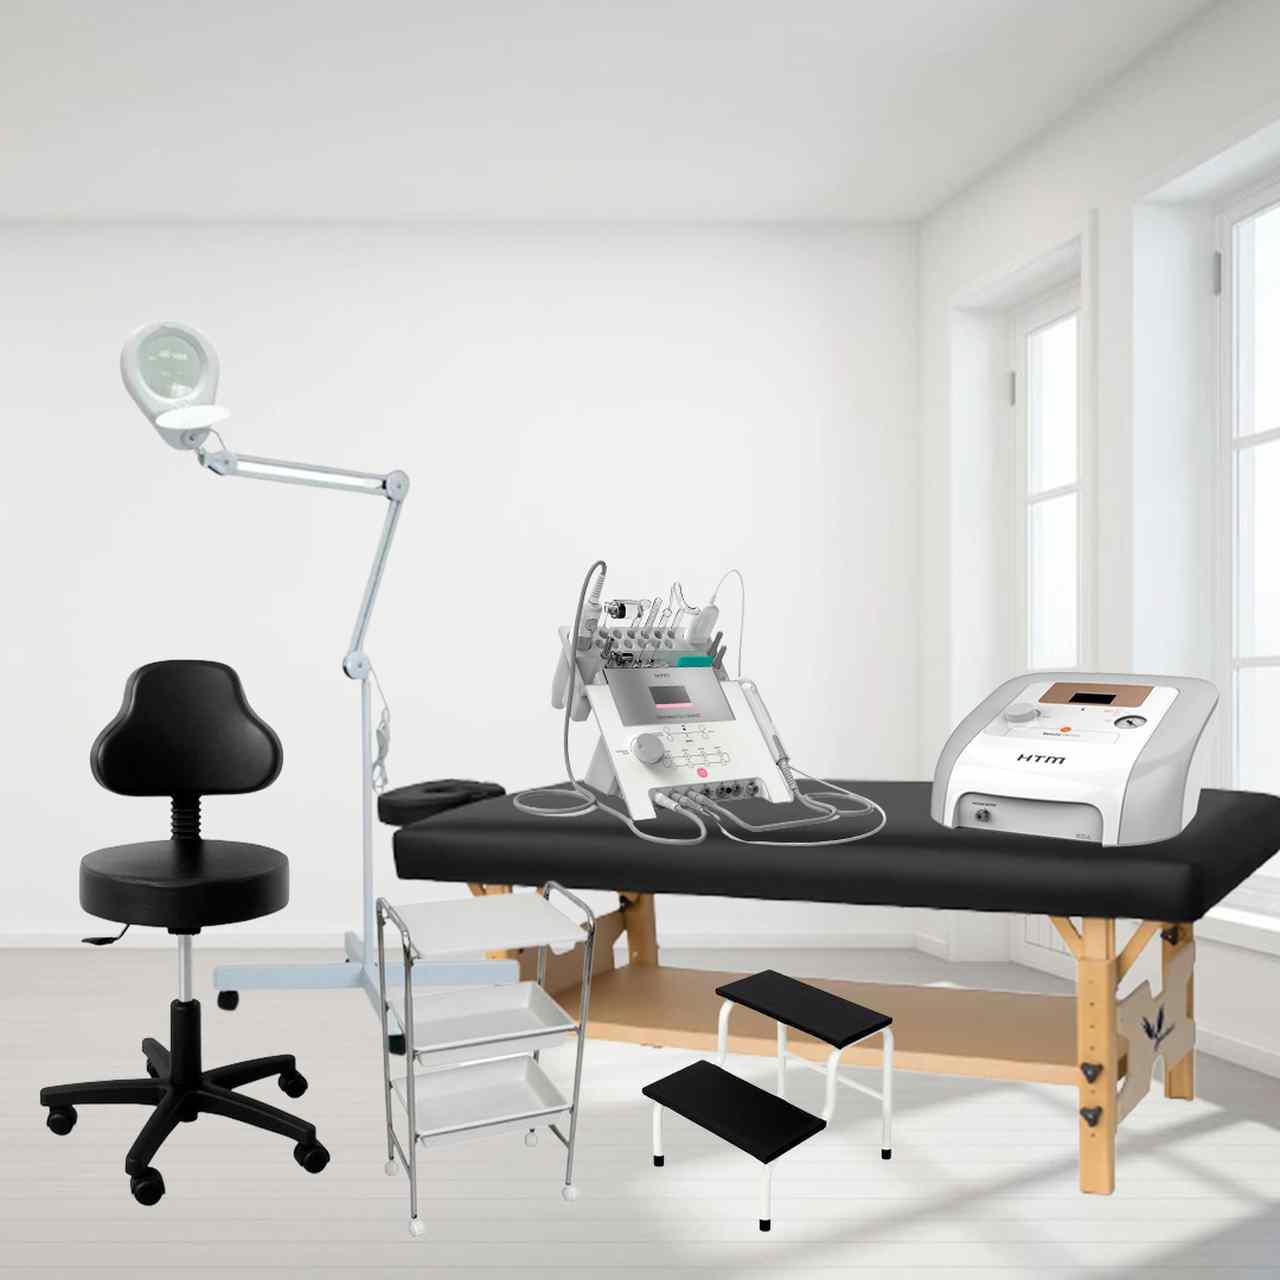 Kit Monte sua Clínica Comfort - Móveis + Equipamentos para Tratamentos Completos de Face e Corpo